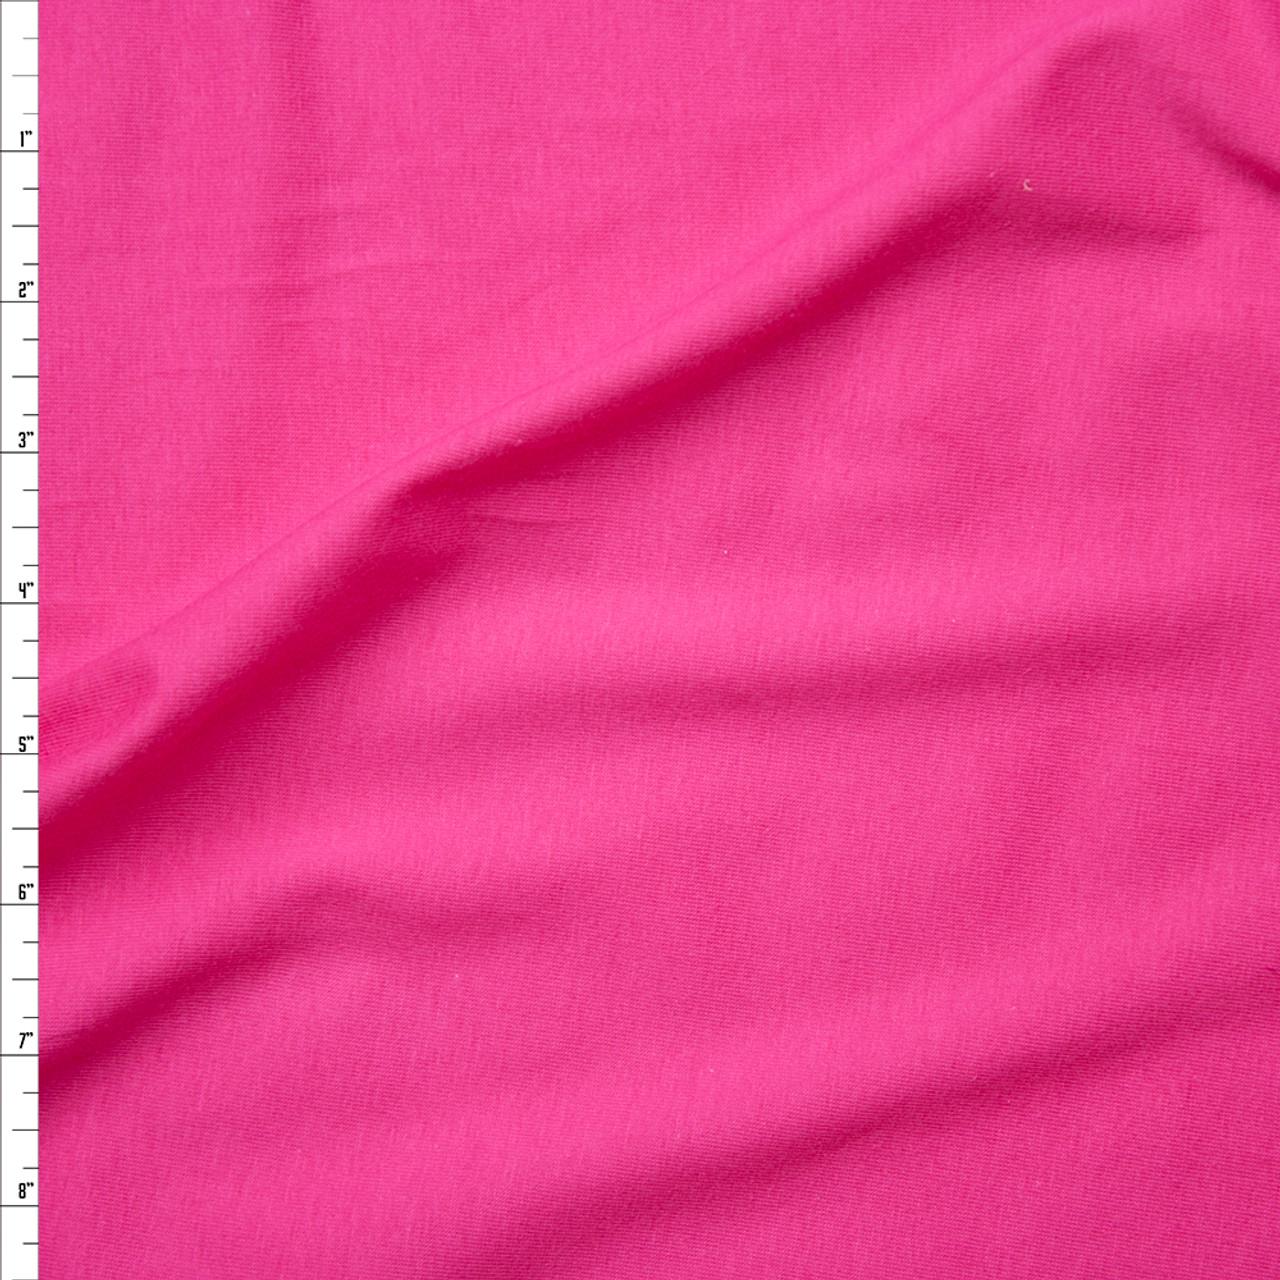 Cali Fabrics Hot Pink Light Midweight Stretch Cotton Jersey Knit